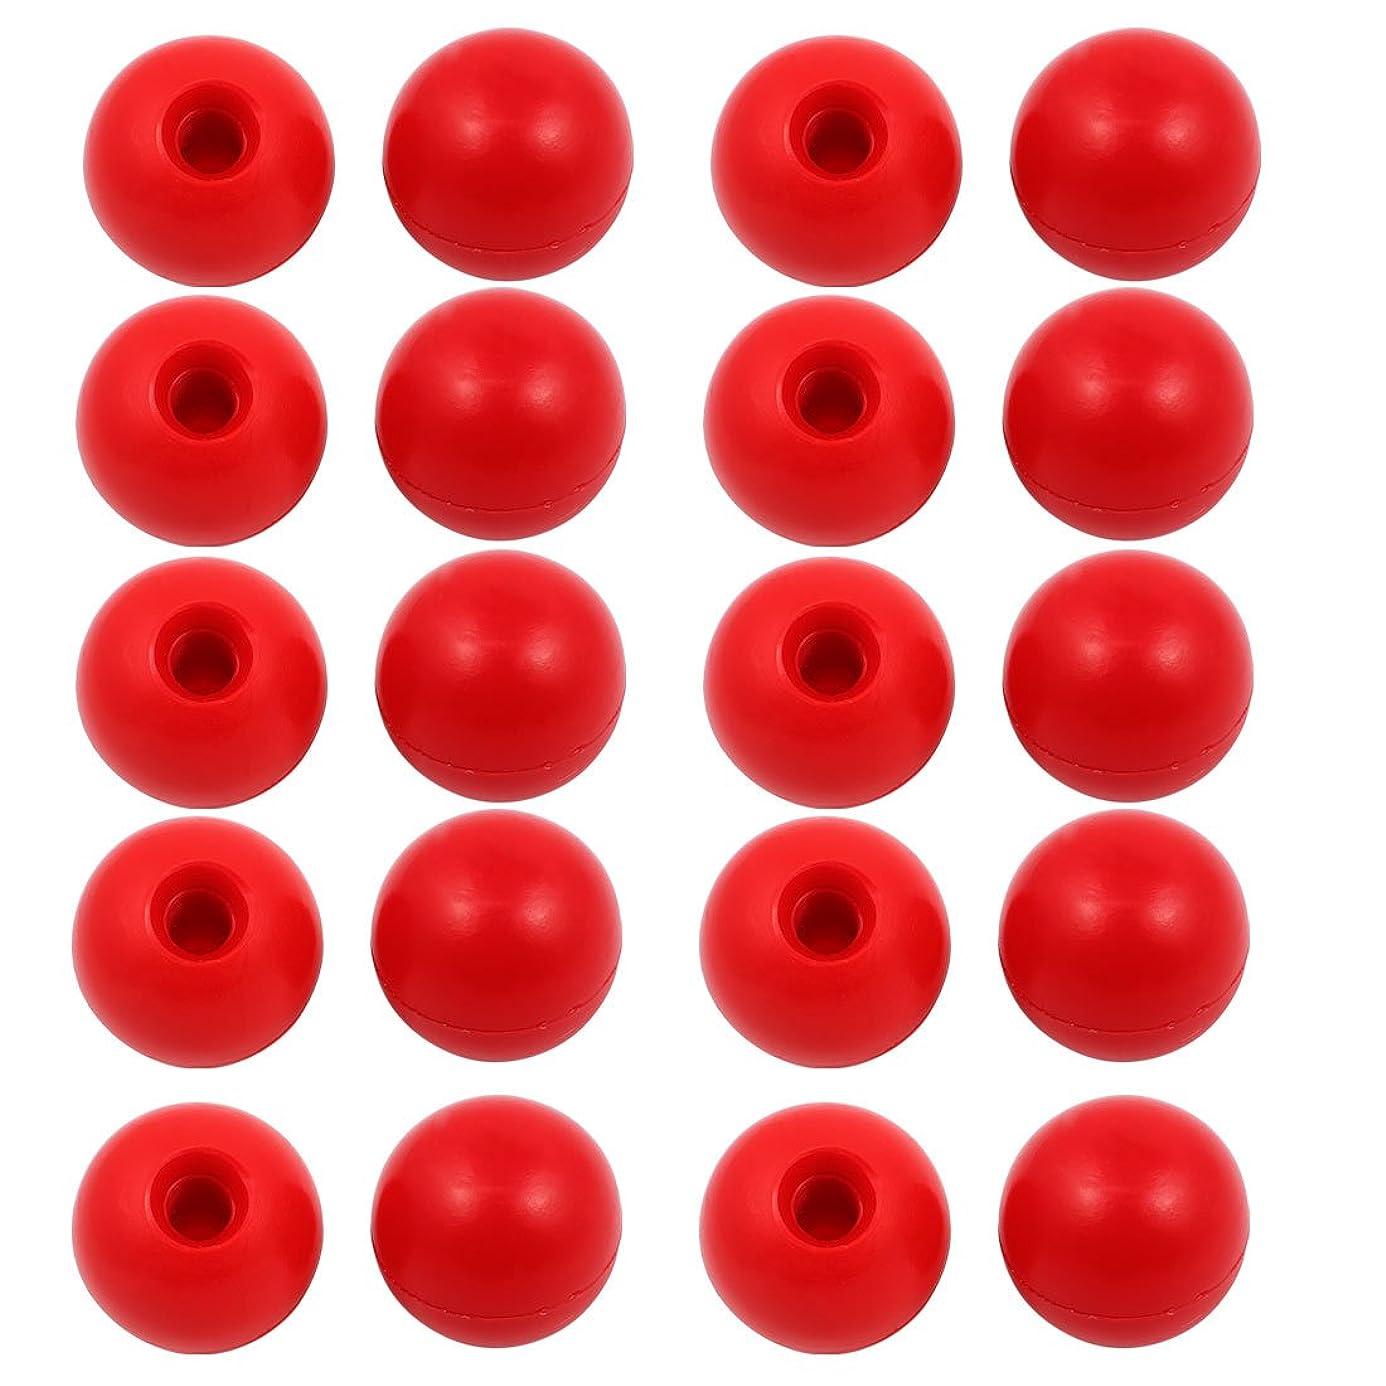 させる共産主義さておきuxcell マシンハンドルノブ M10 x 35mm ハンドボール ハンドルノブ プラスチックボール 20個入り